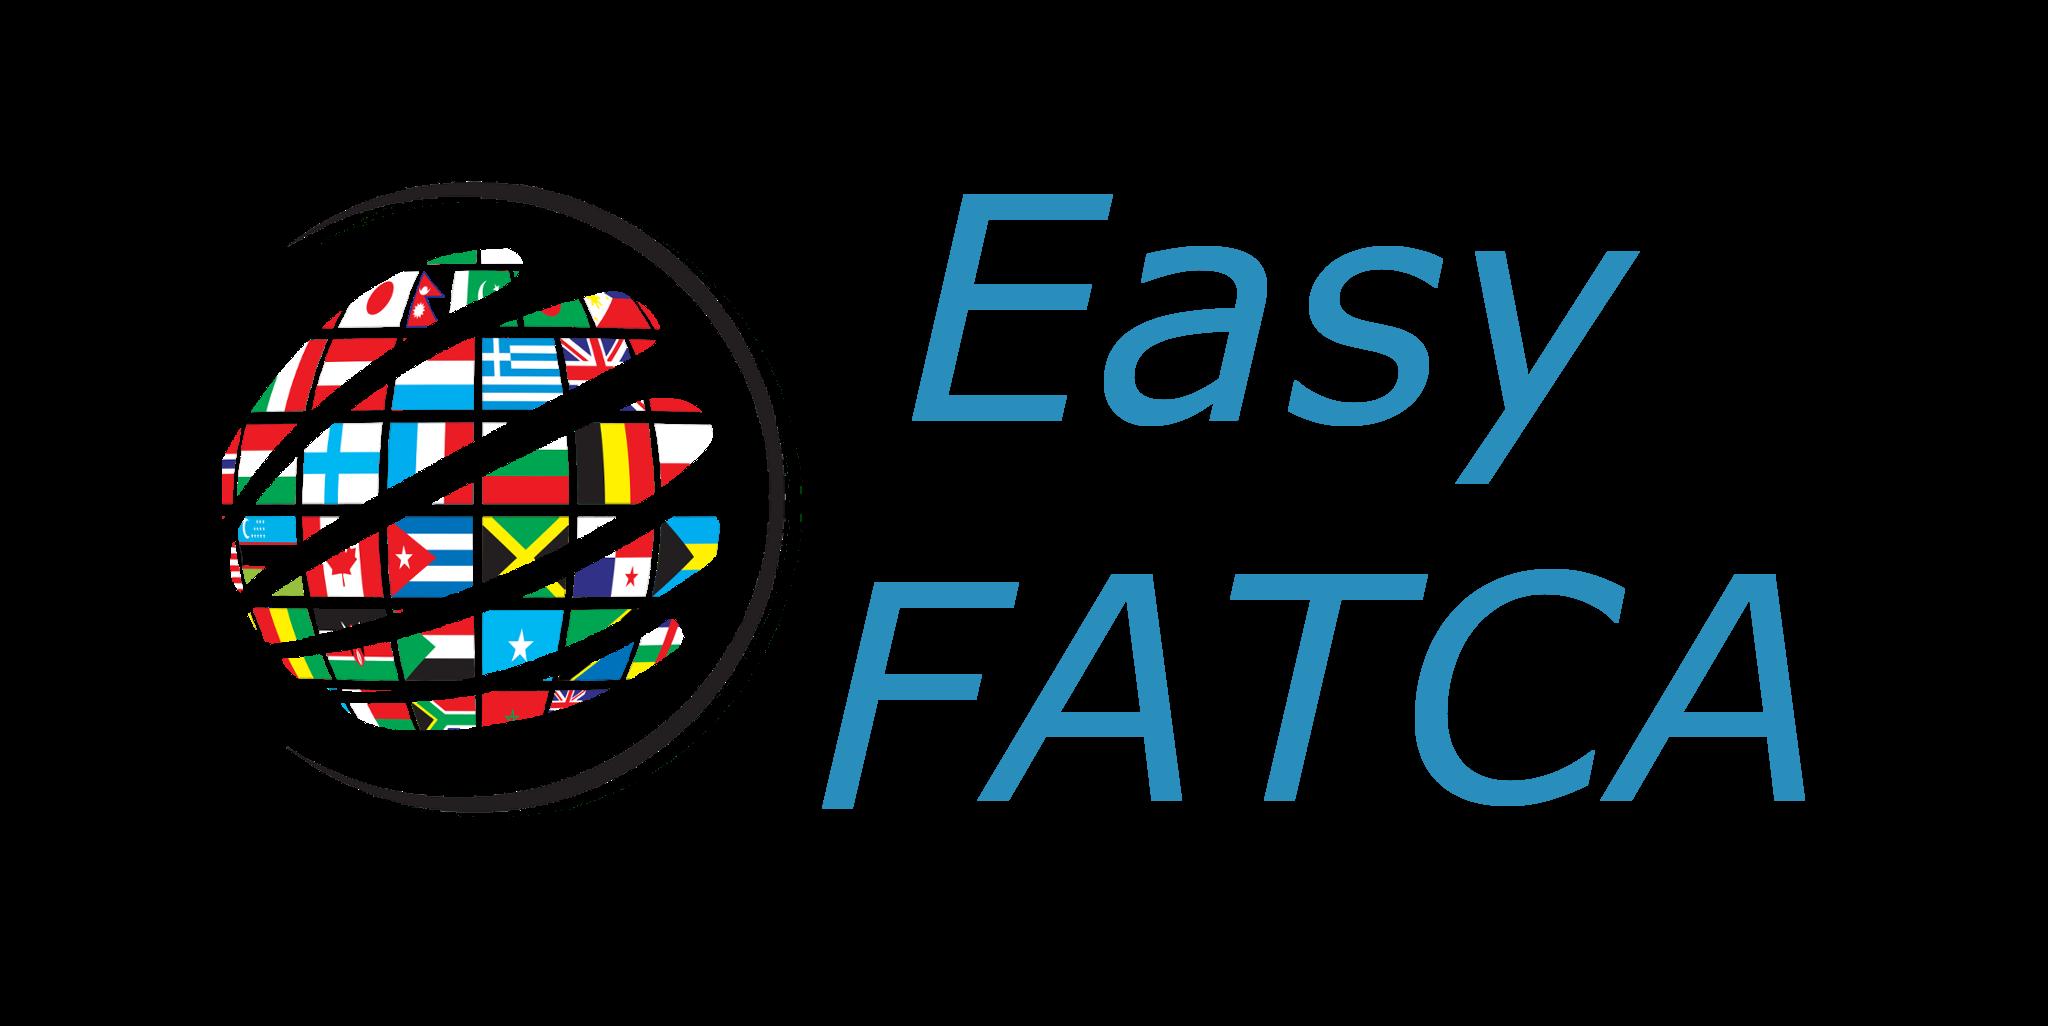 Easy FATCA